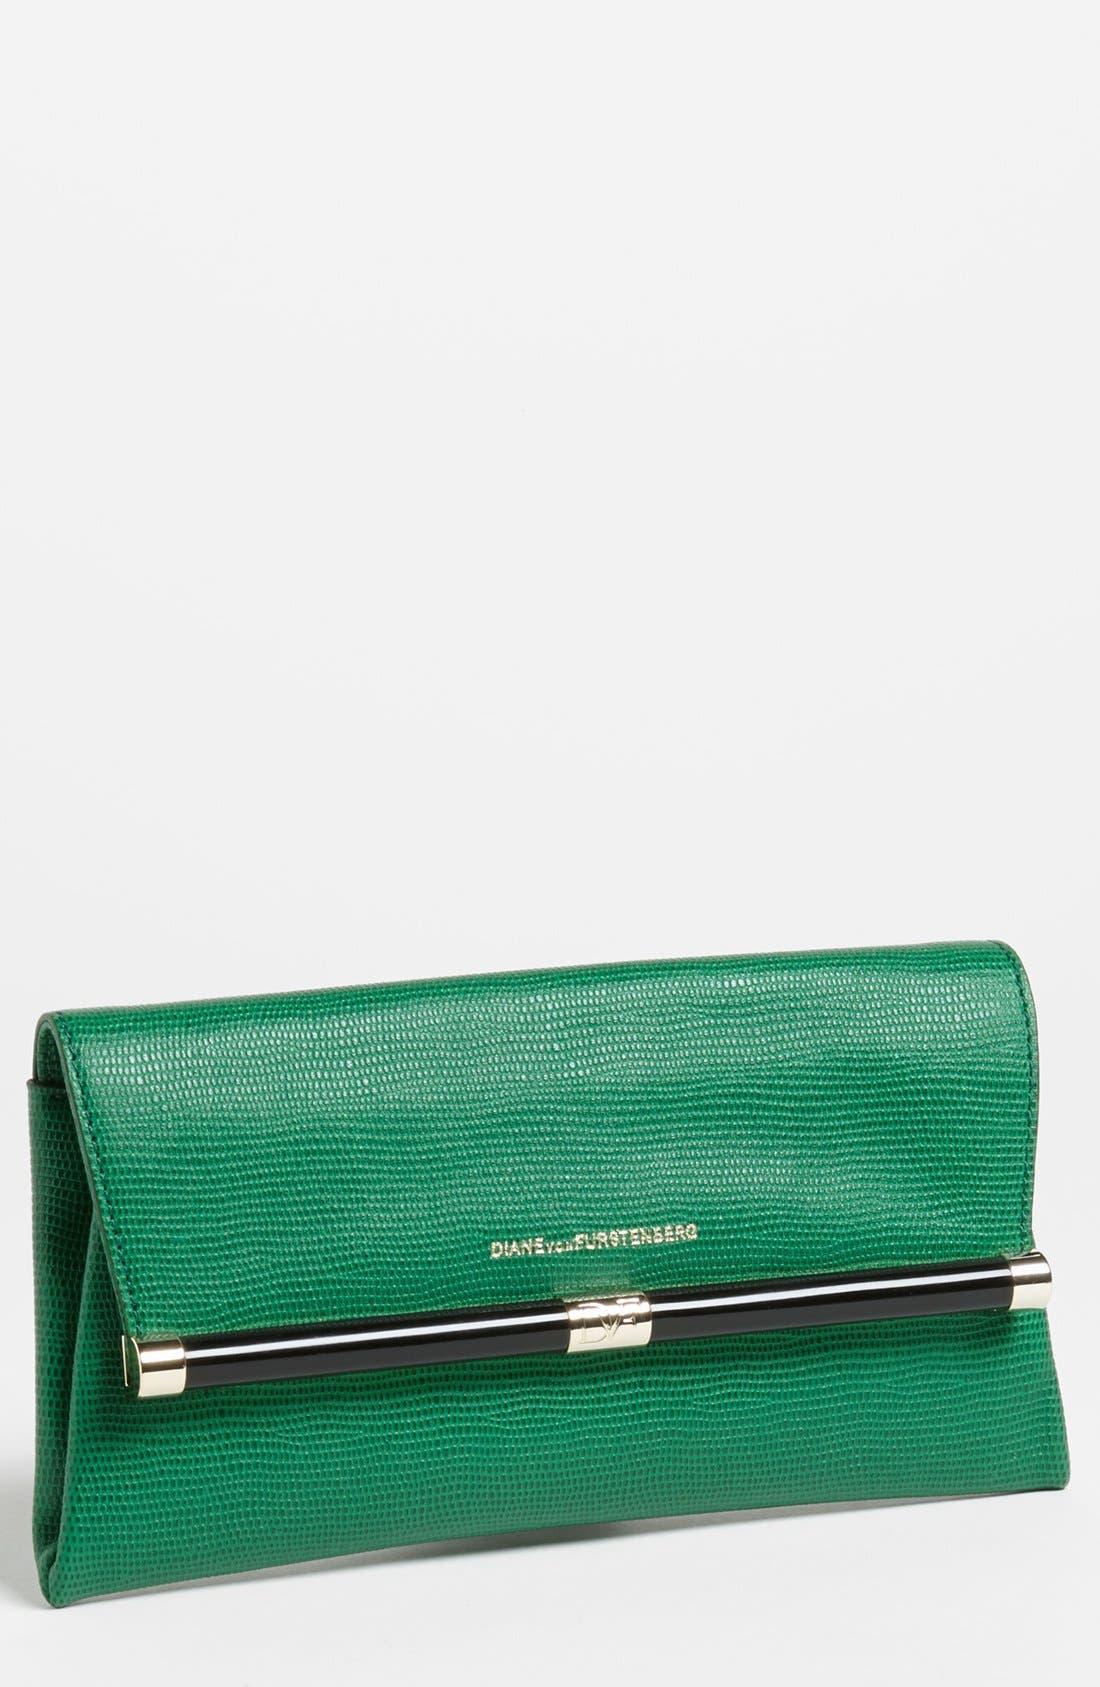 Main Image - Diane von Furstenberg '440 - Envelope' Lizard Embossed Leather Clutch